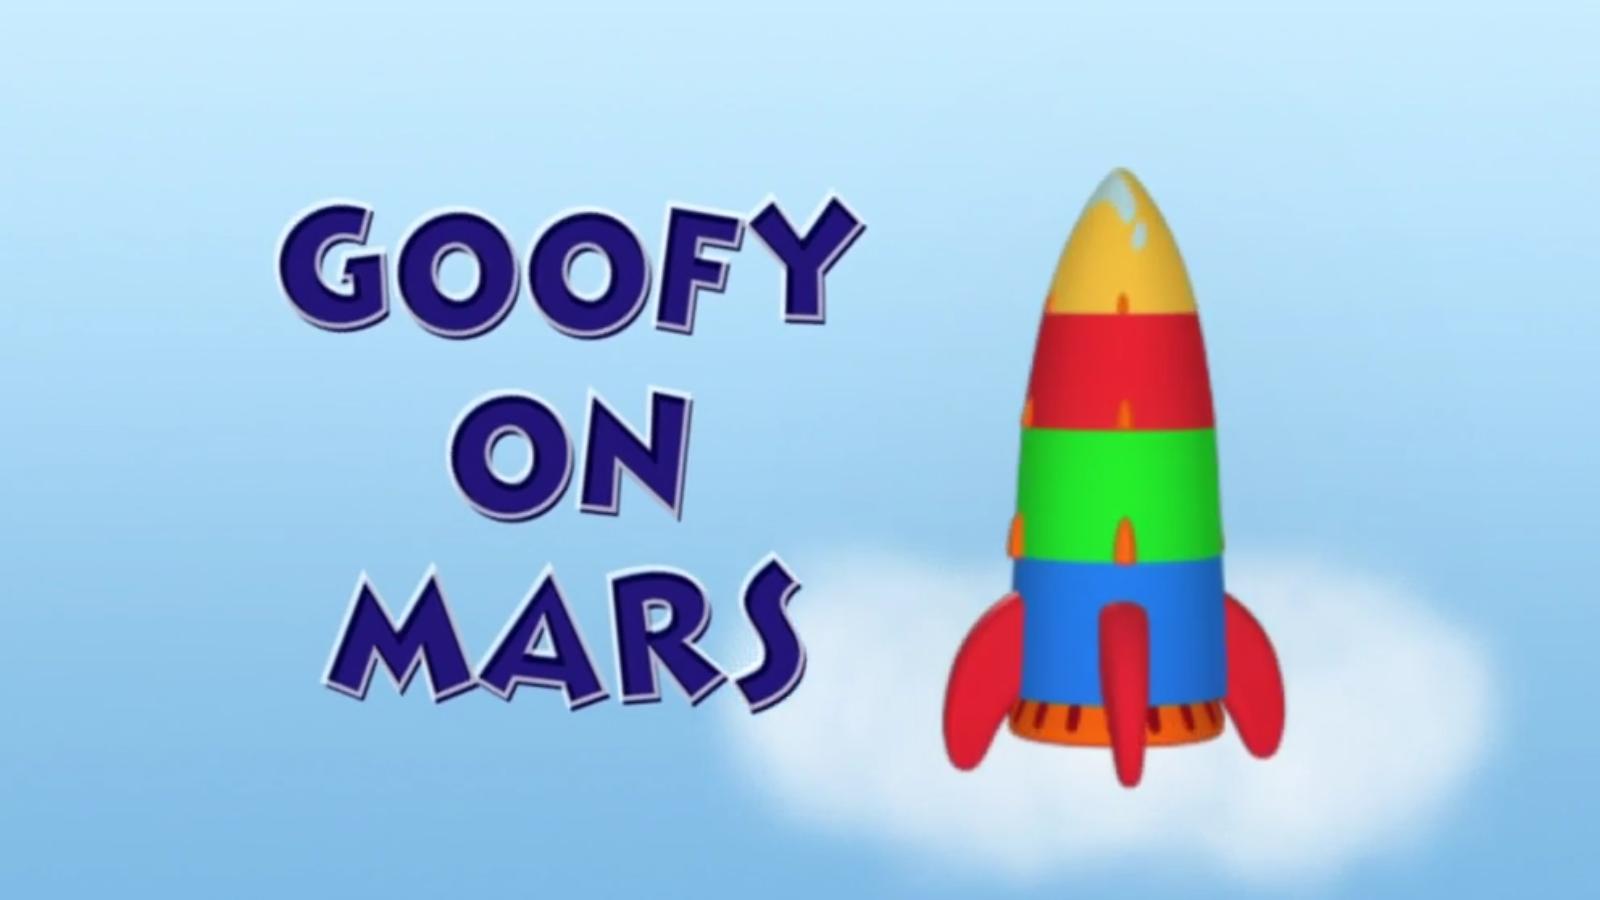 Goofy on Mars